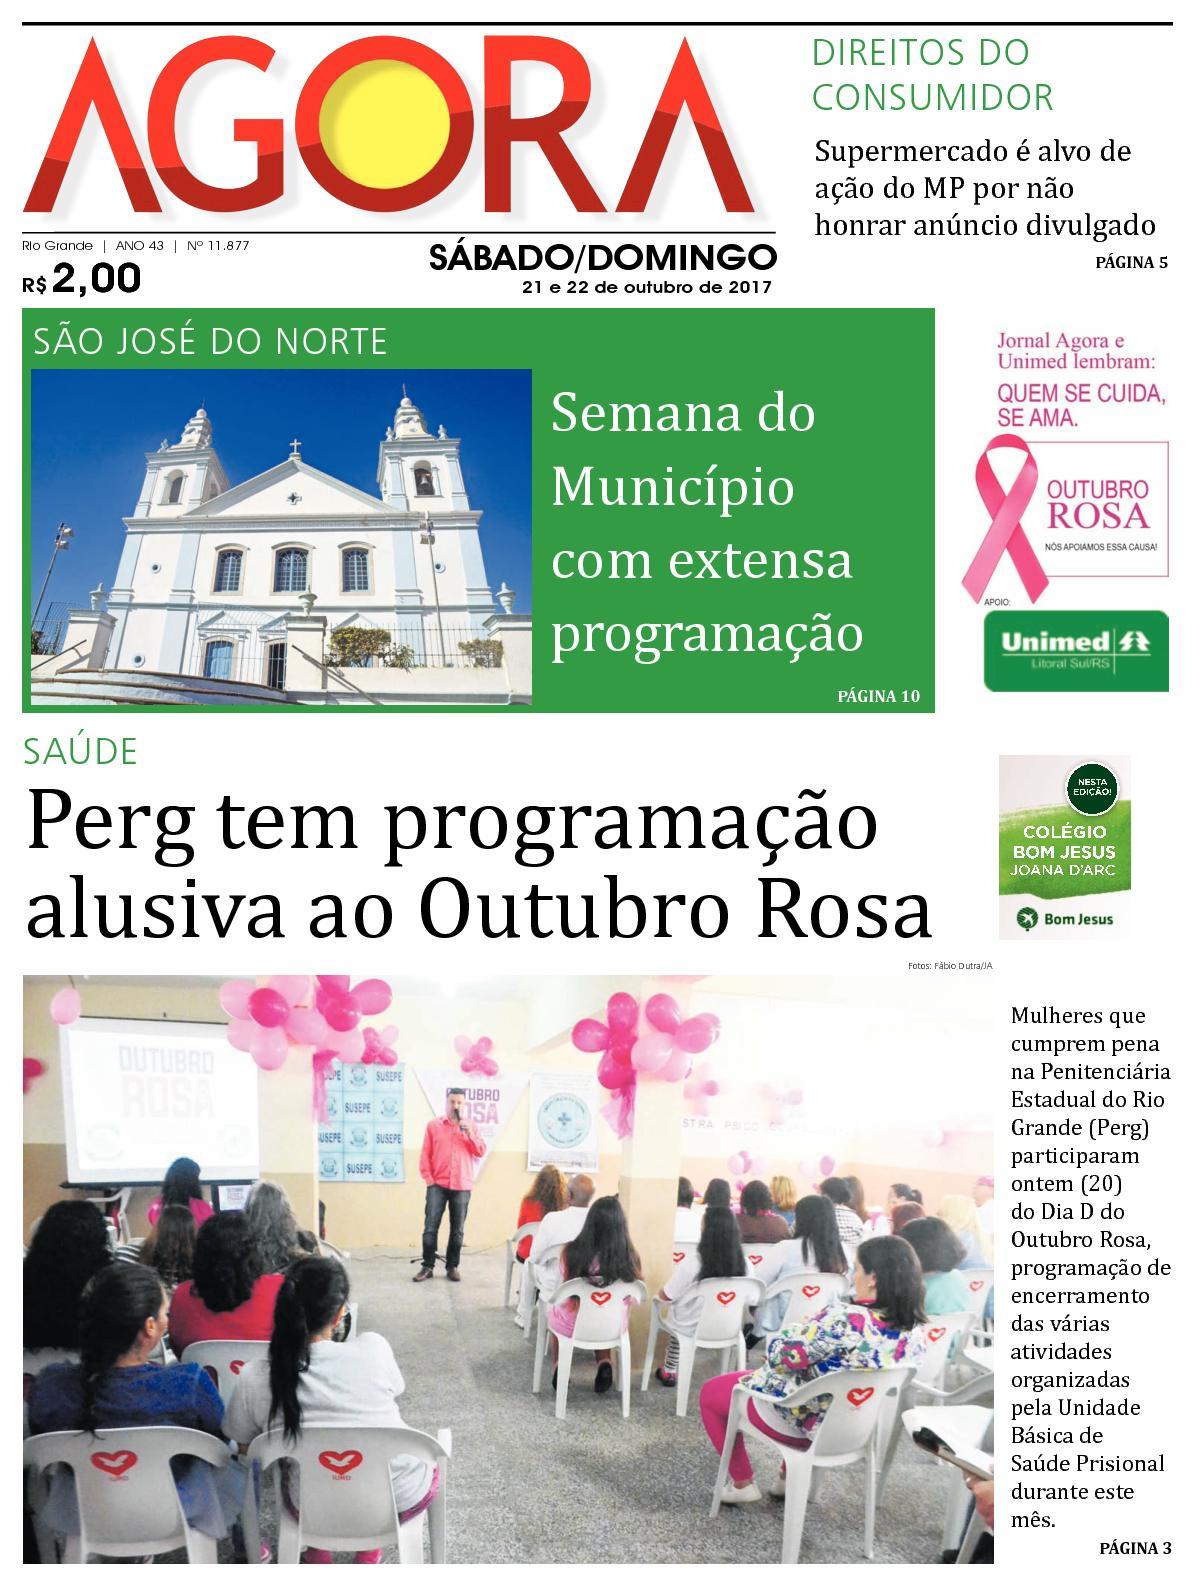 93f0701fc Calaméo - Jornal Agora - Edição 11877 - 21 e 22 de Outubro de 2017